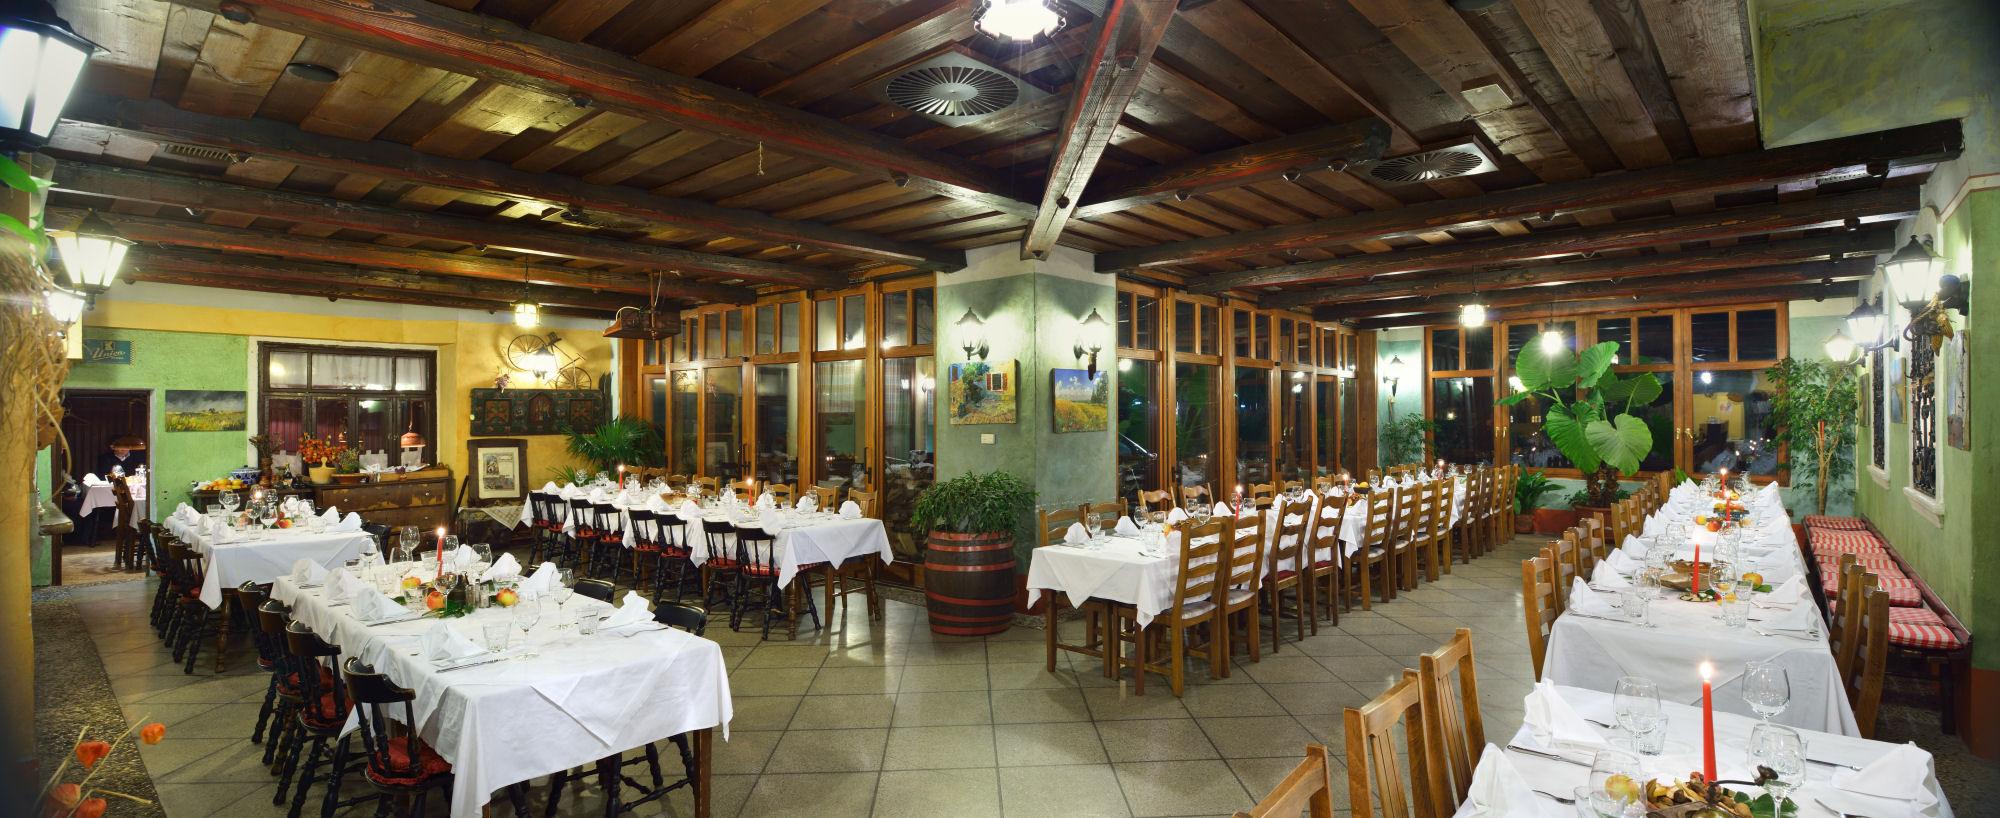 Restaurant Lectar the arcade